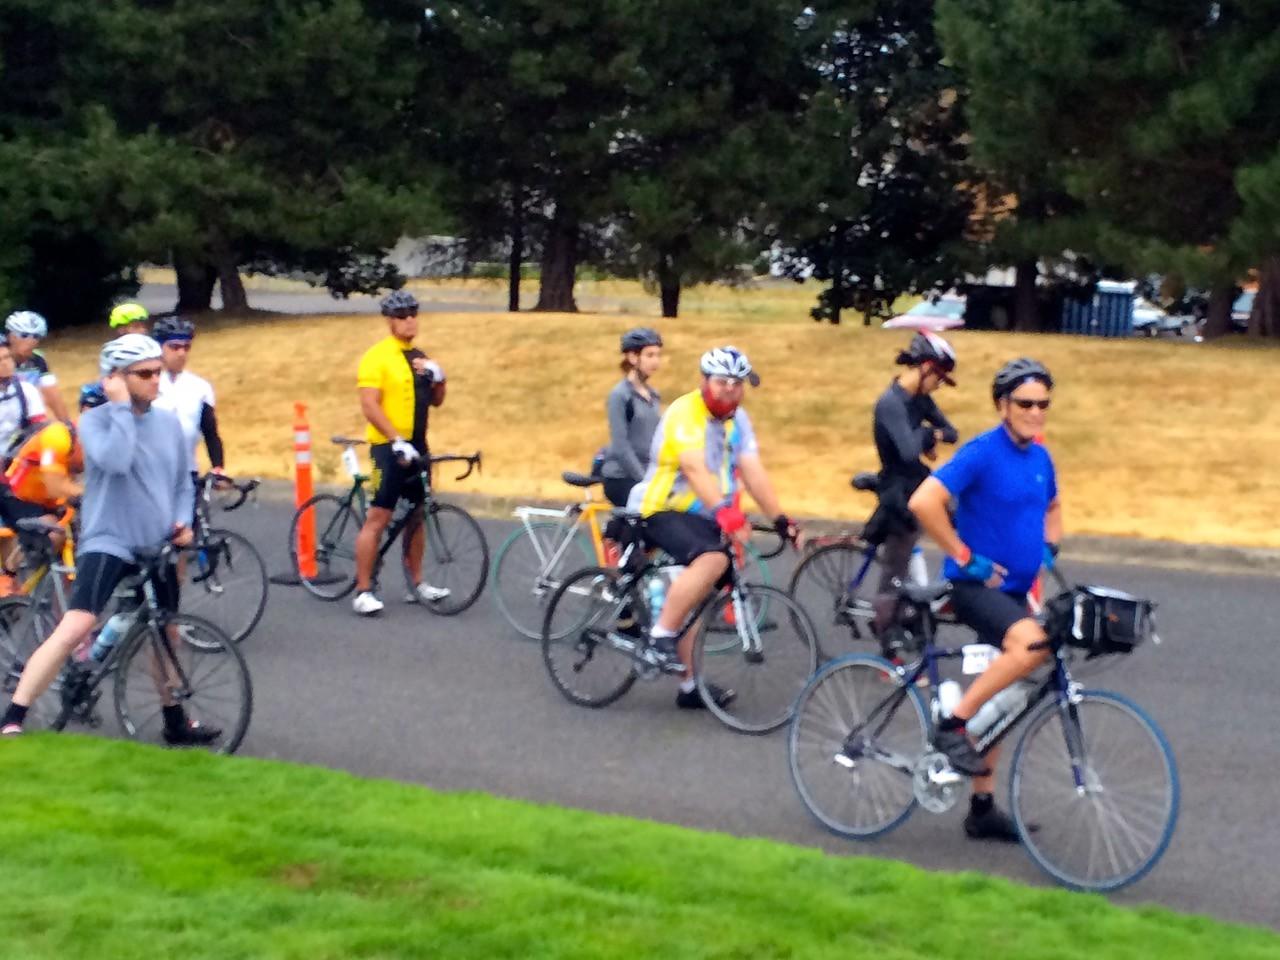 2015 Tour de Cure Oregon, Amberglen Park, Hillsboro.<br /> The Century Ride 6:30am start